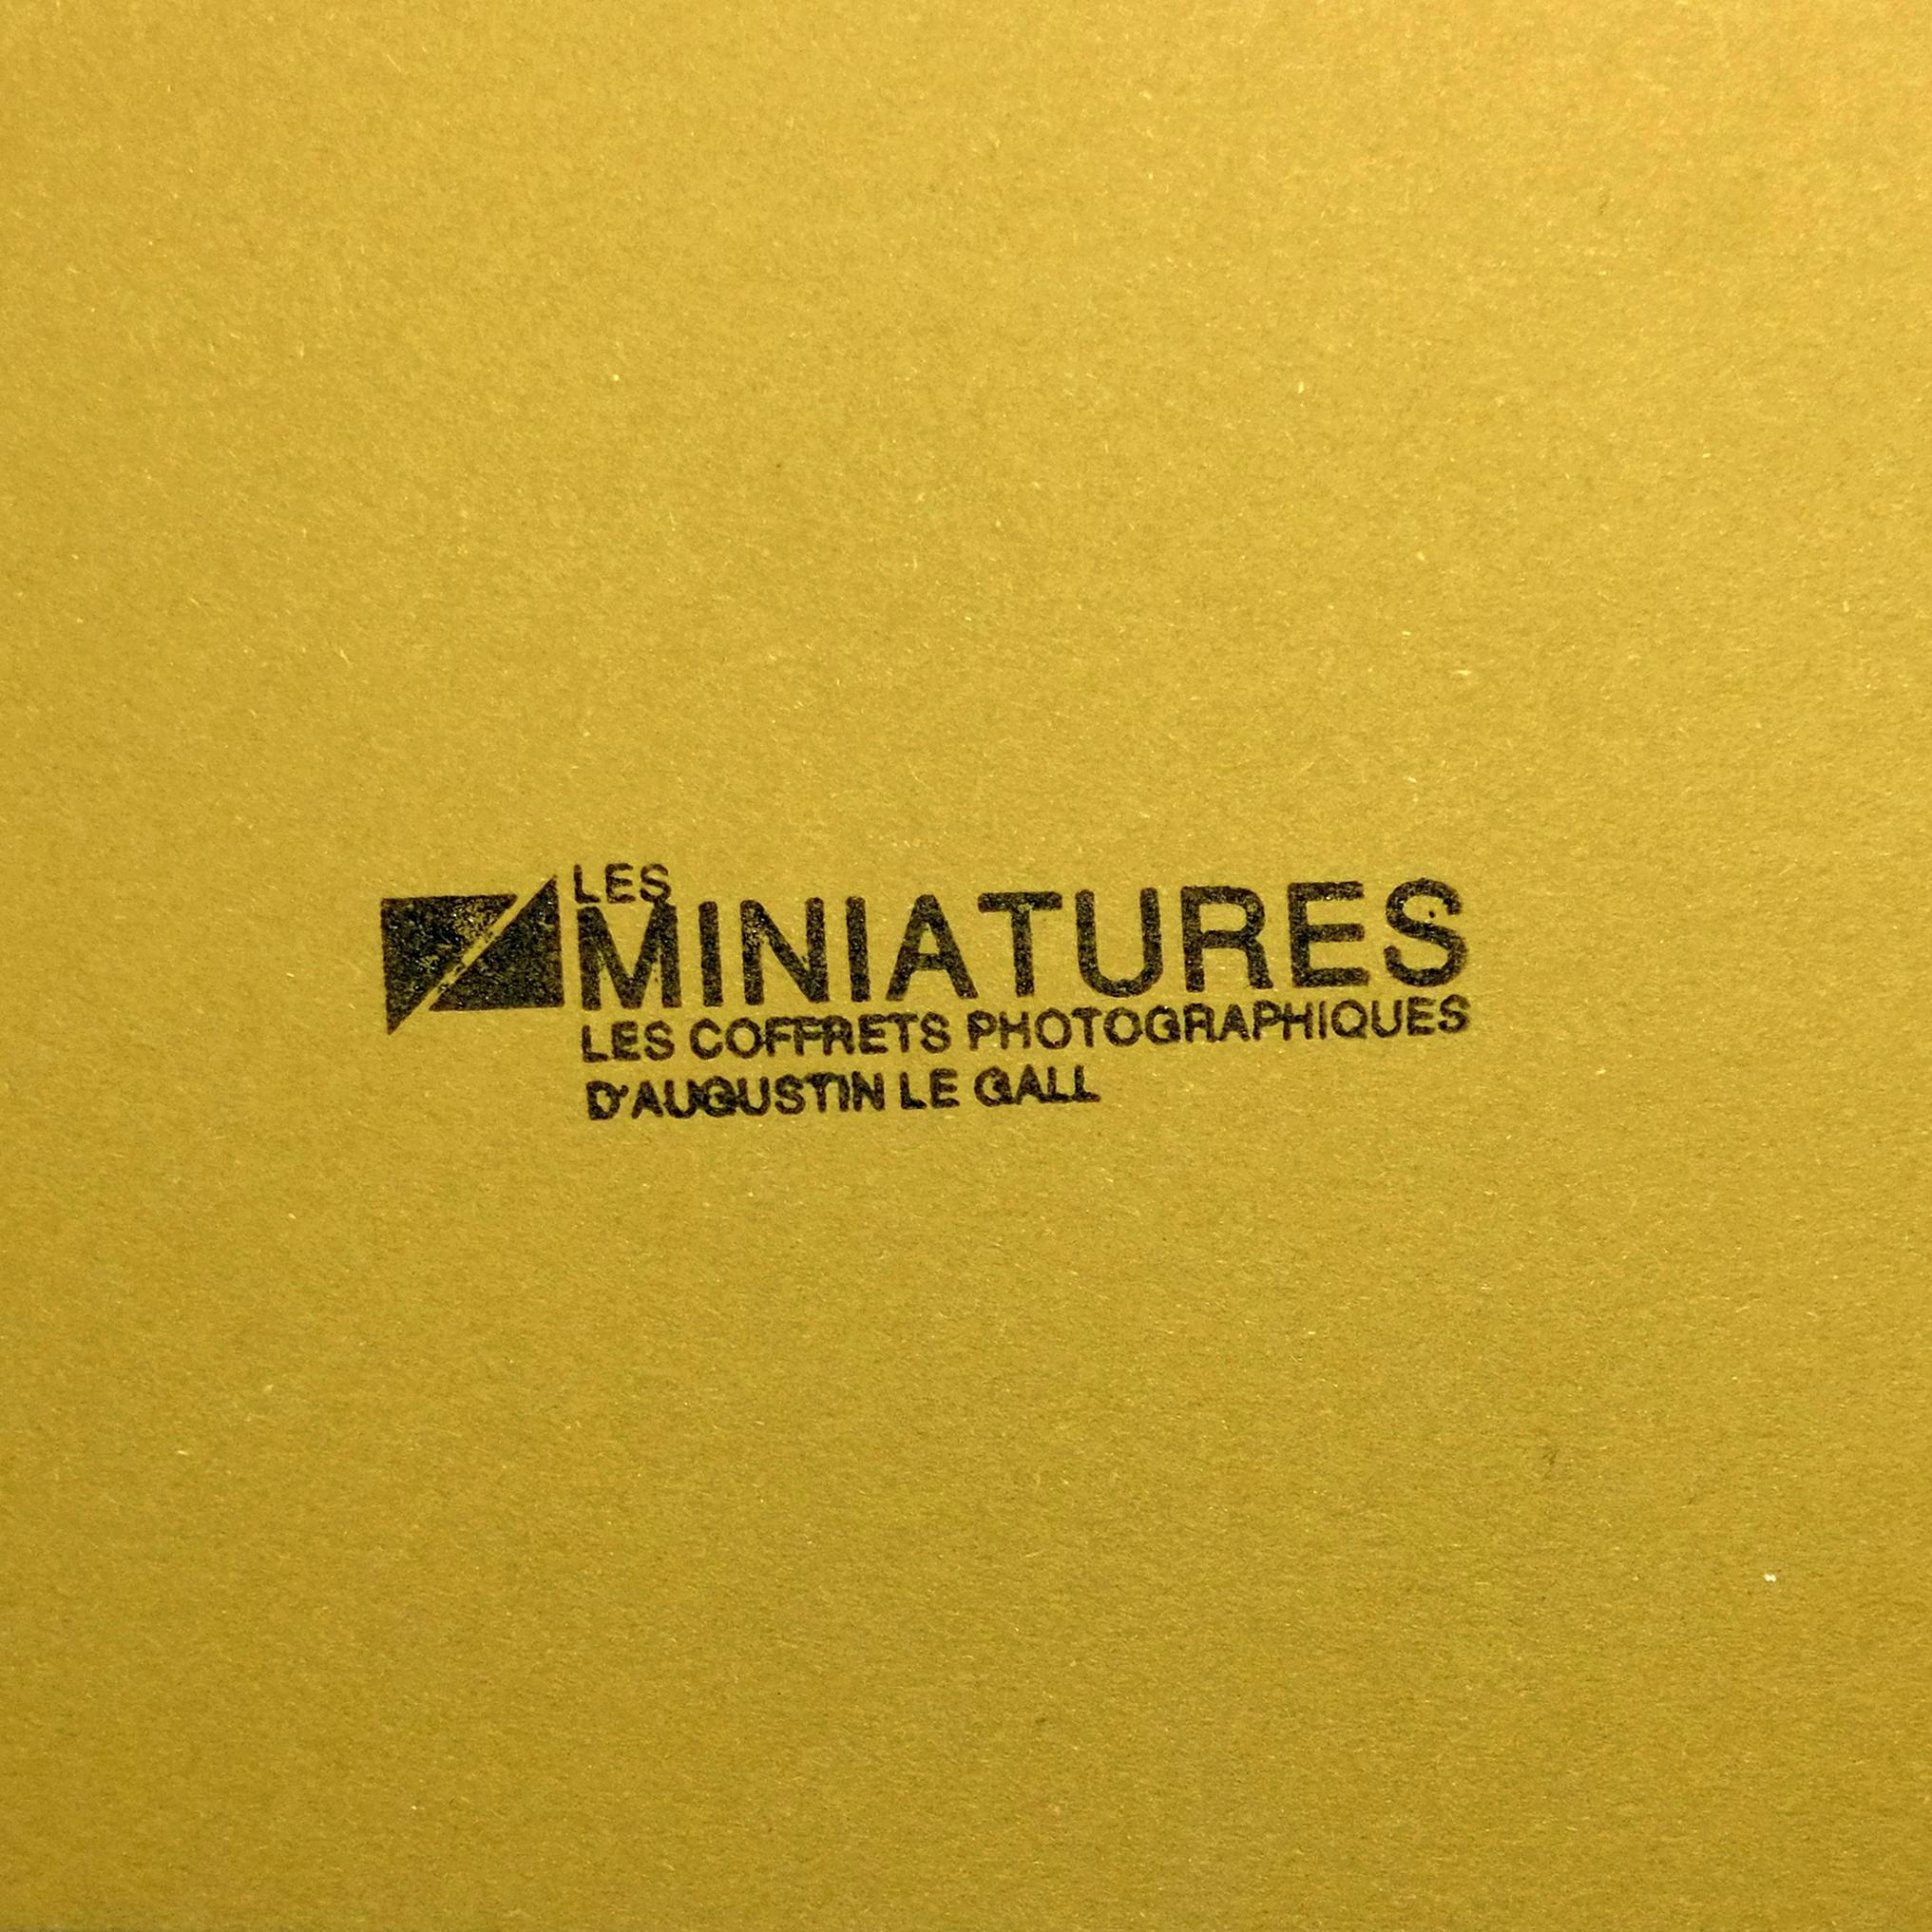 TITRE MINIATURE-SQUARE.jpg